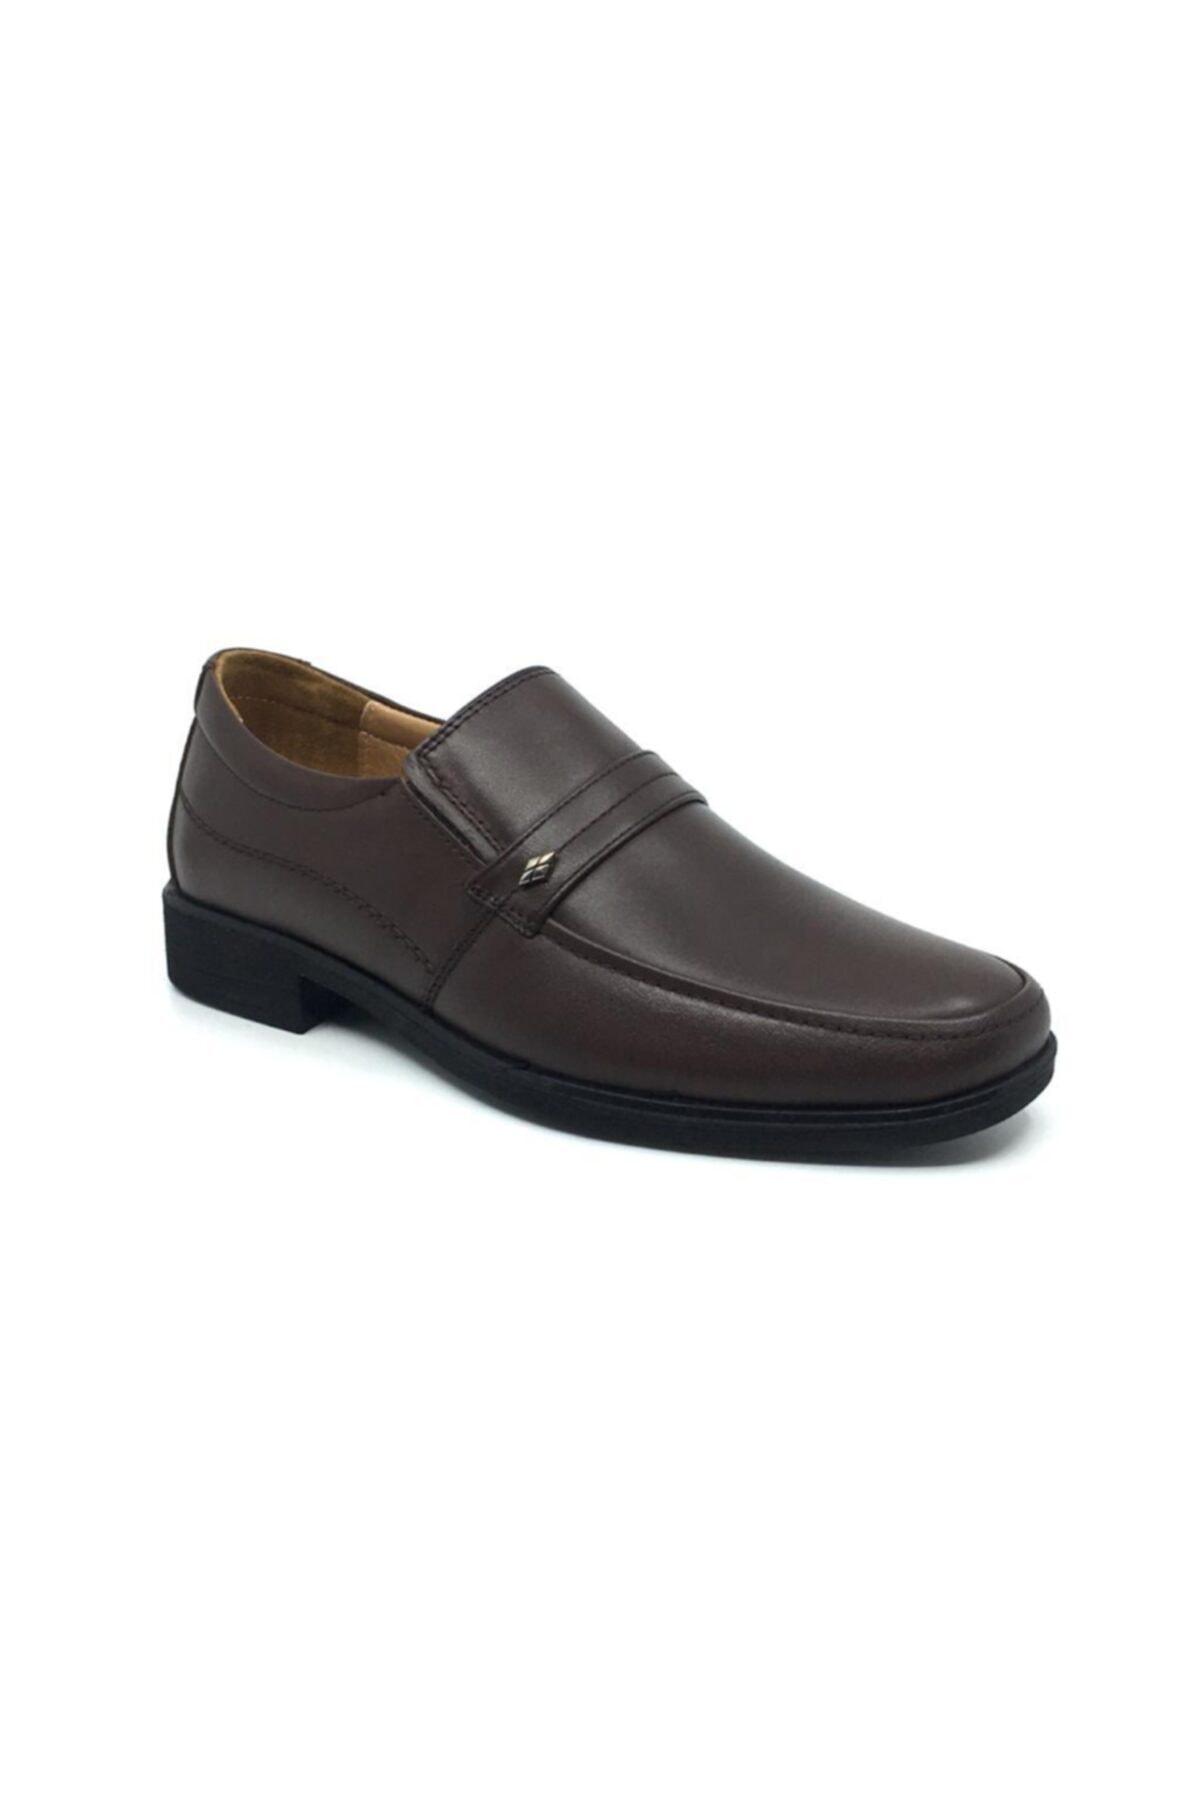 Taşpınar Likers%100 Deri Ortopedik Erkek Günlük Klasik Ayakkabı 40-44 1